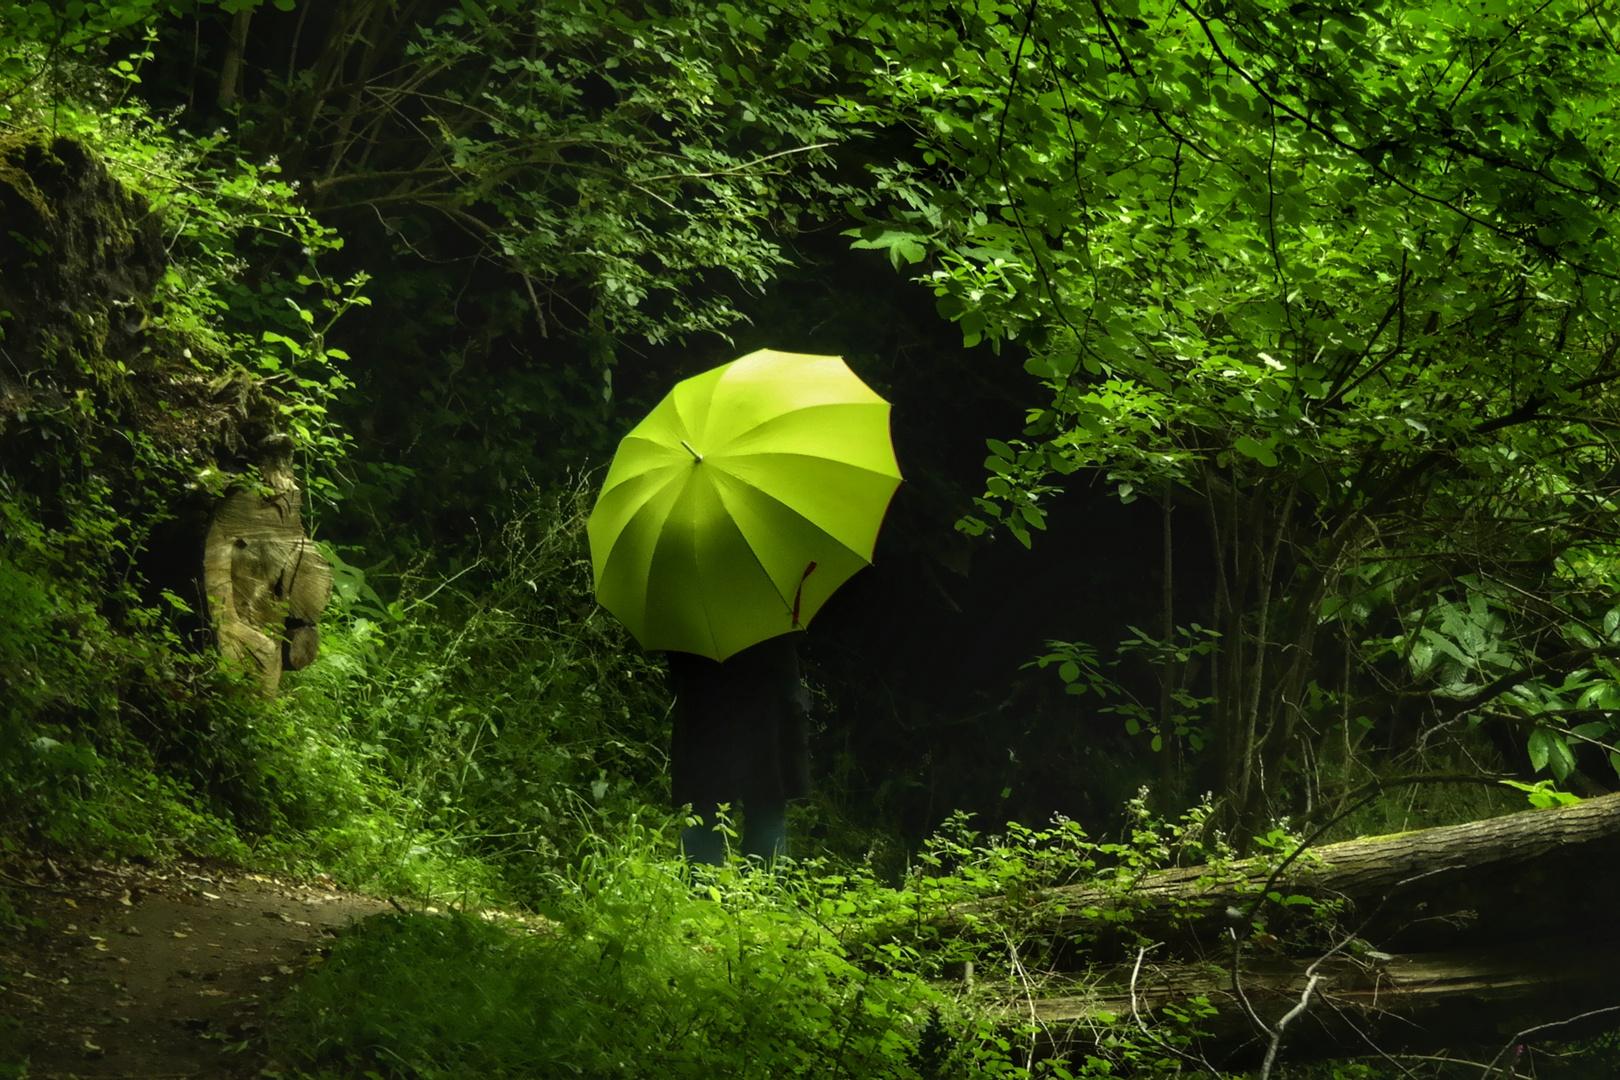 Die Frau mit dem Regenschirm; startet erneut  ins ungewisse... (109)